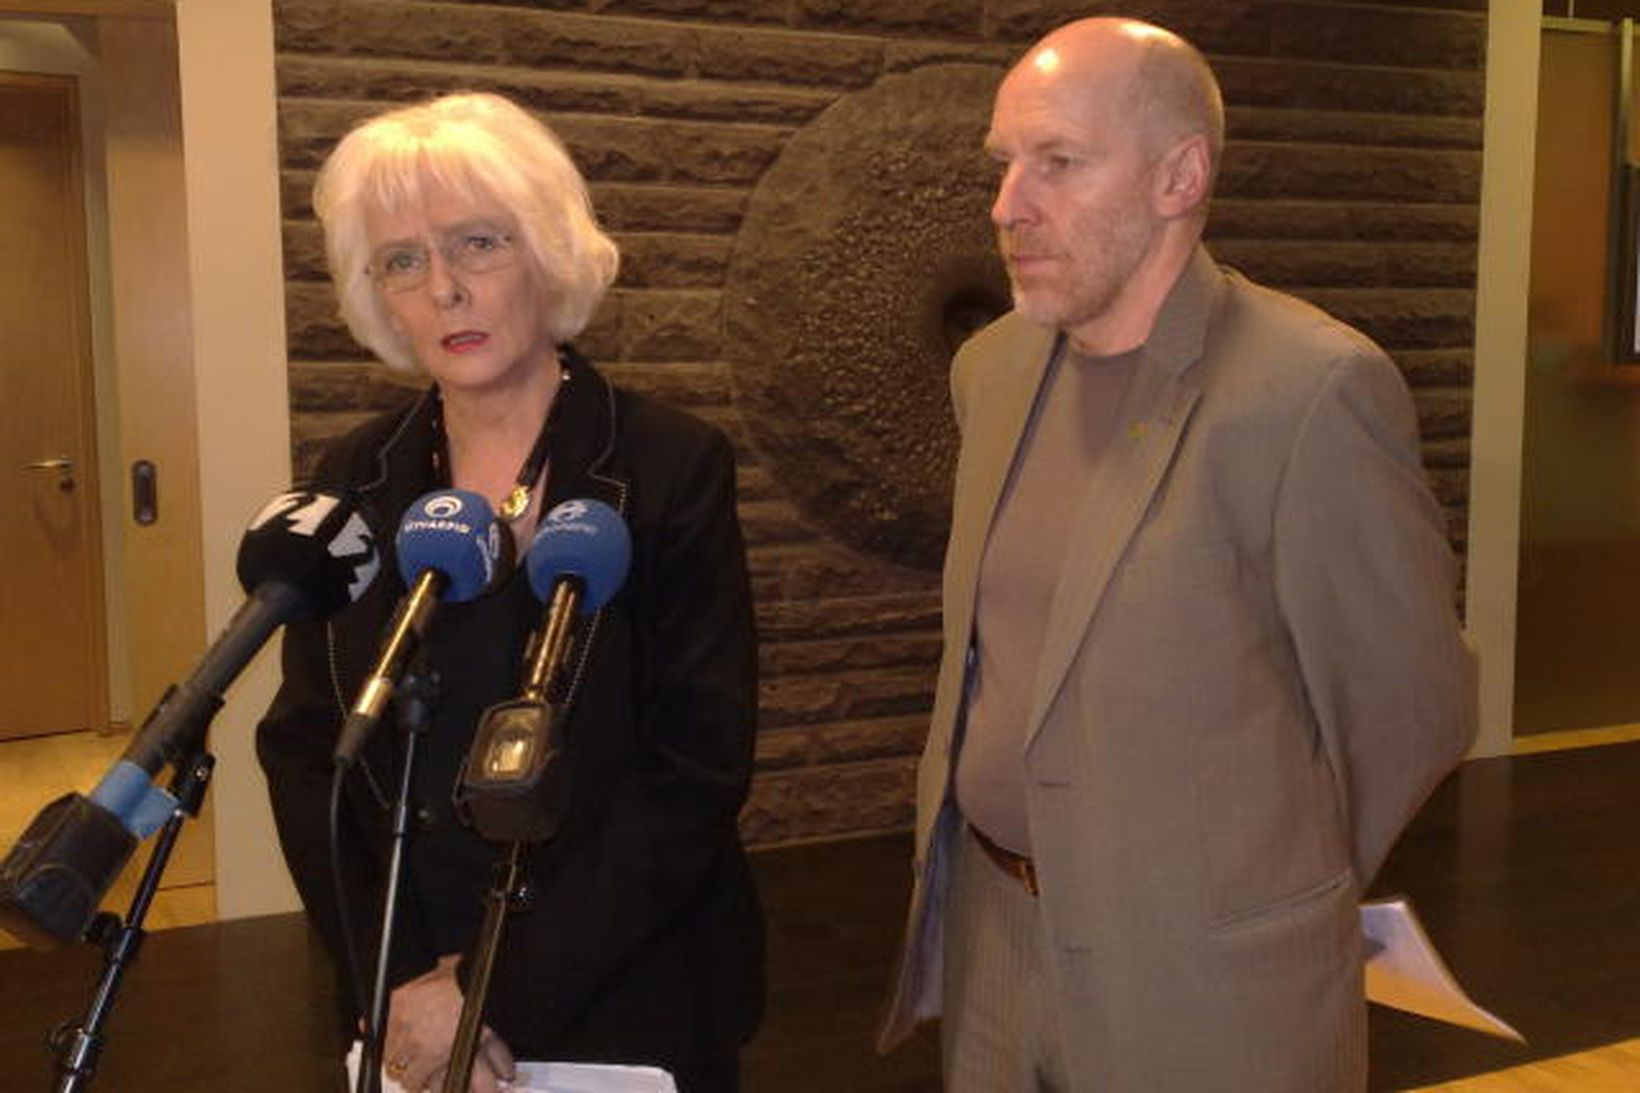 Jóhanna Sigurðardóttir, tilvonandi forsætisráðherra, og Steingrímur J. Sigfússon, væntanlegur fjármálaráðherra, …